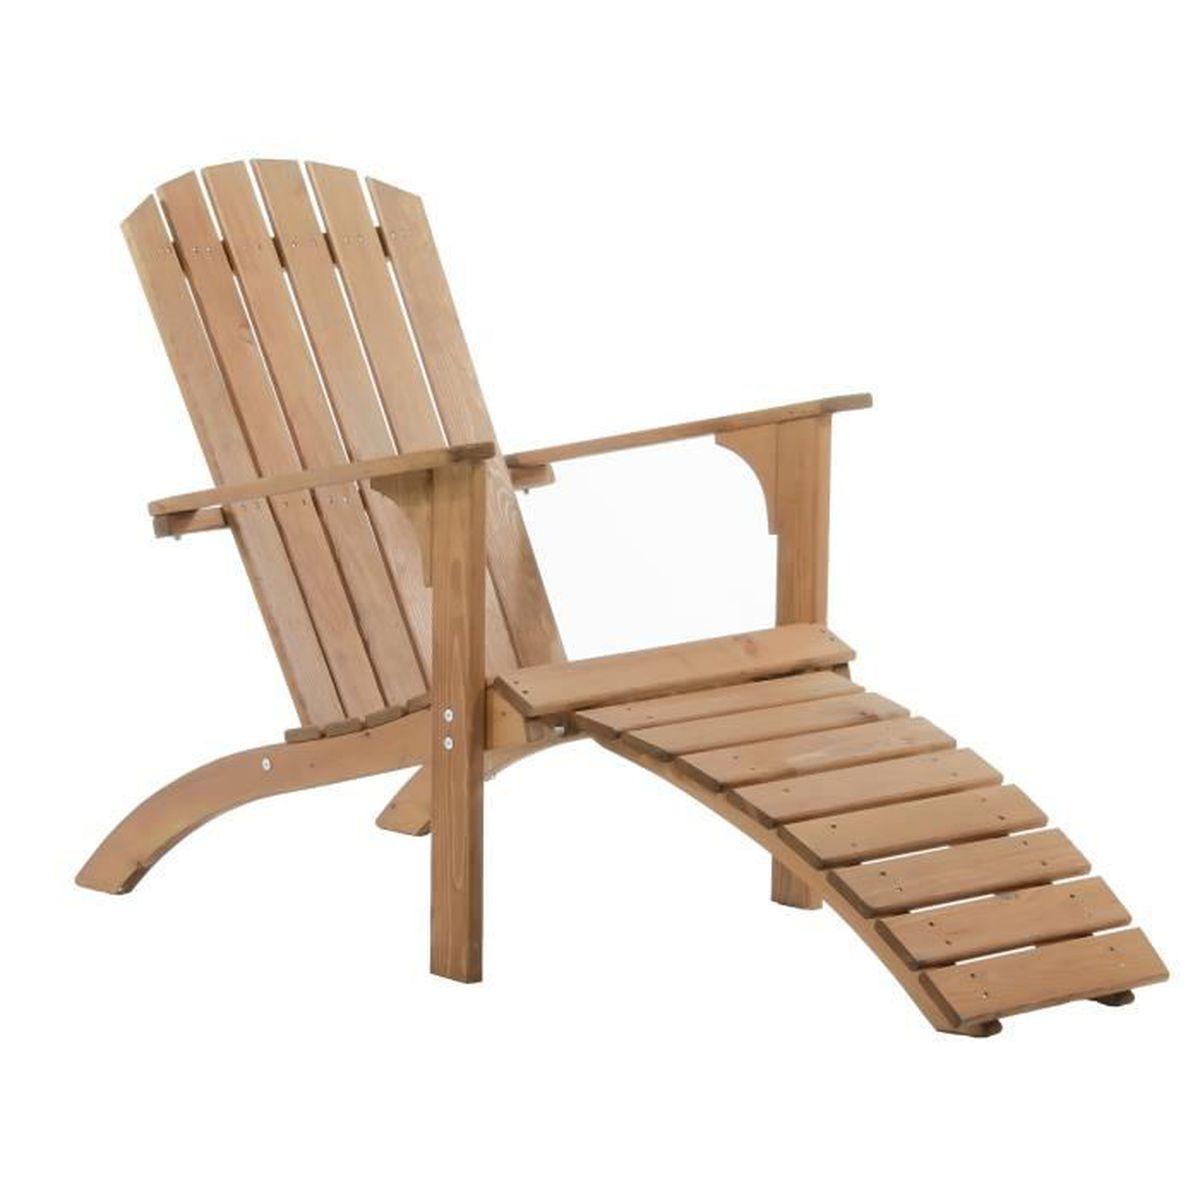 Coussin Pour Fauteuil Adirondack fauteuil adirondack falun avec son repose-pieds en pin